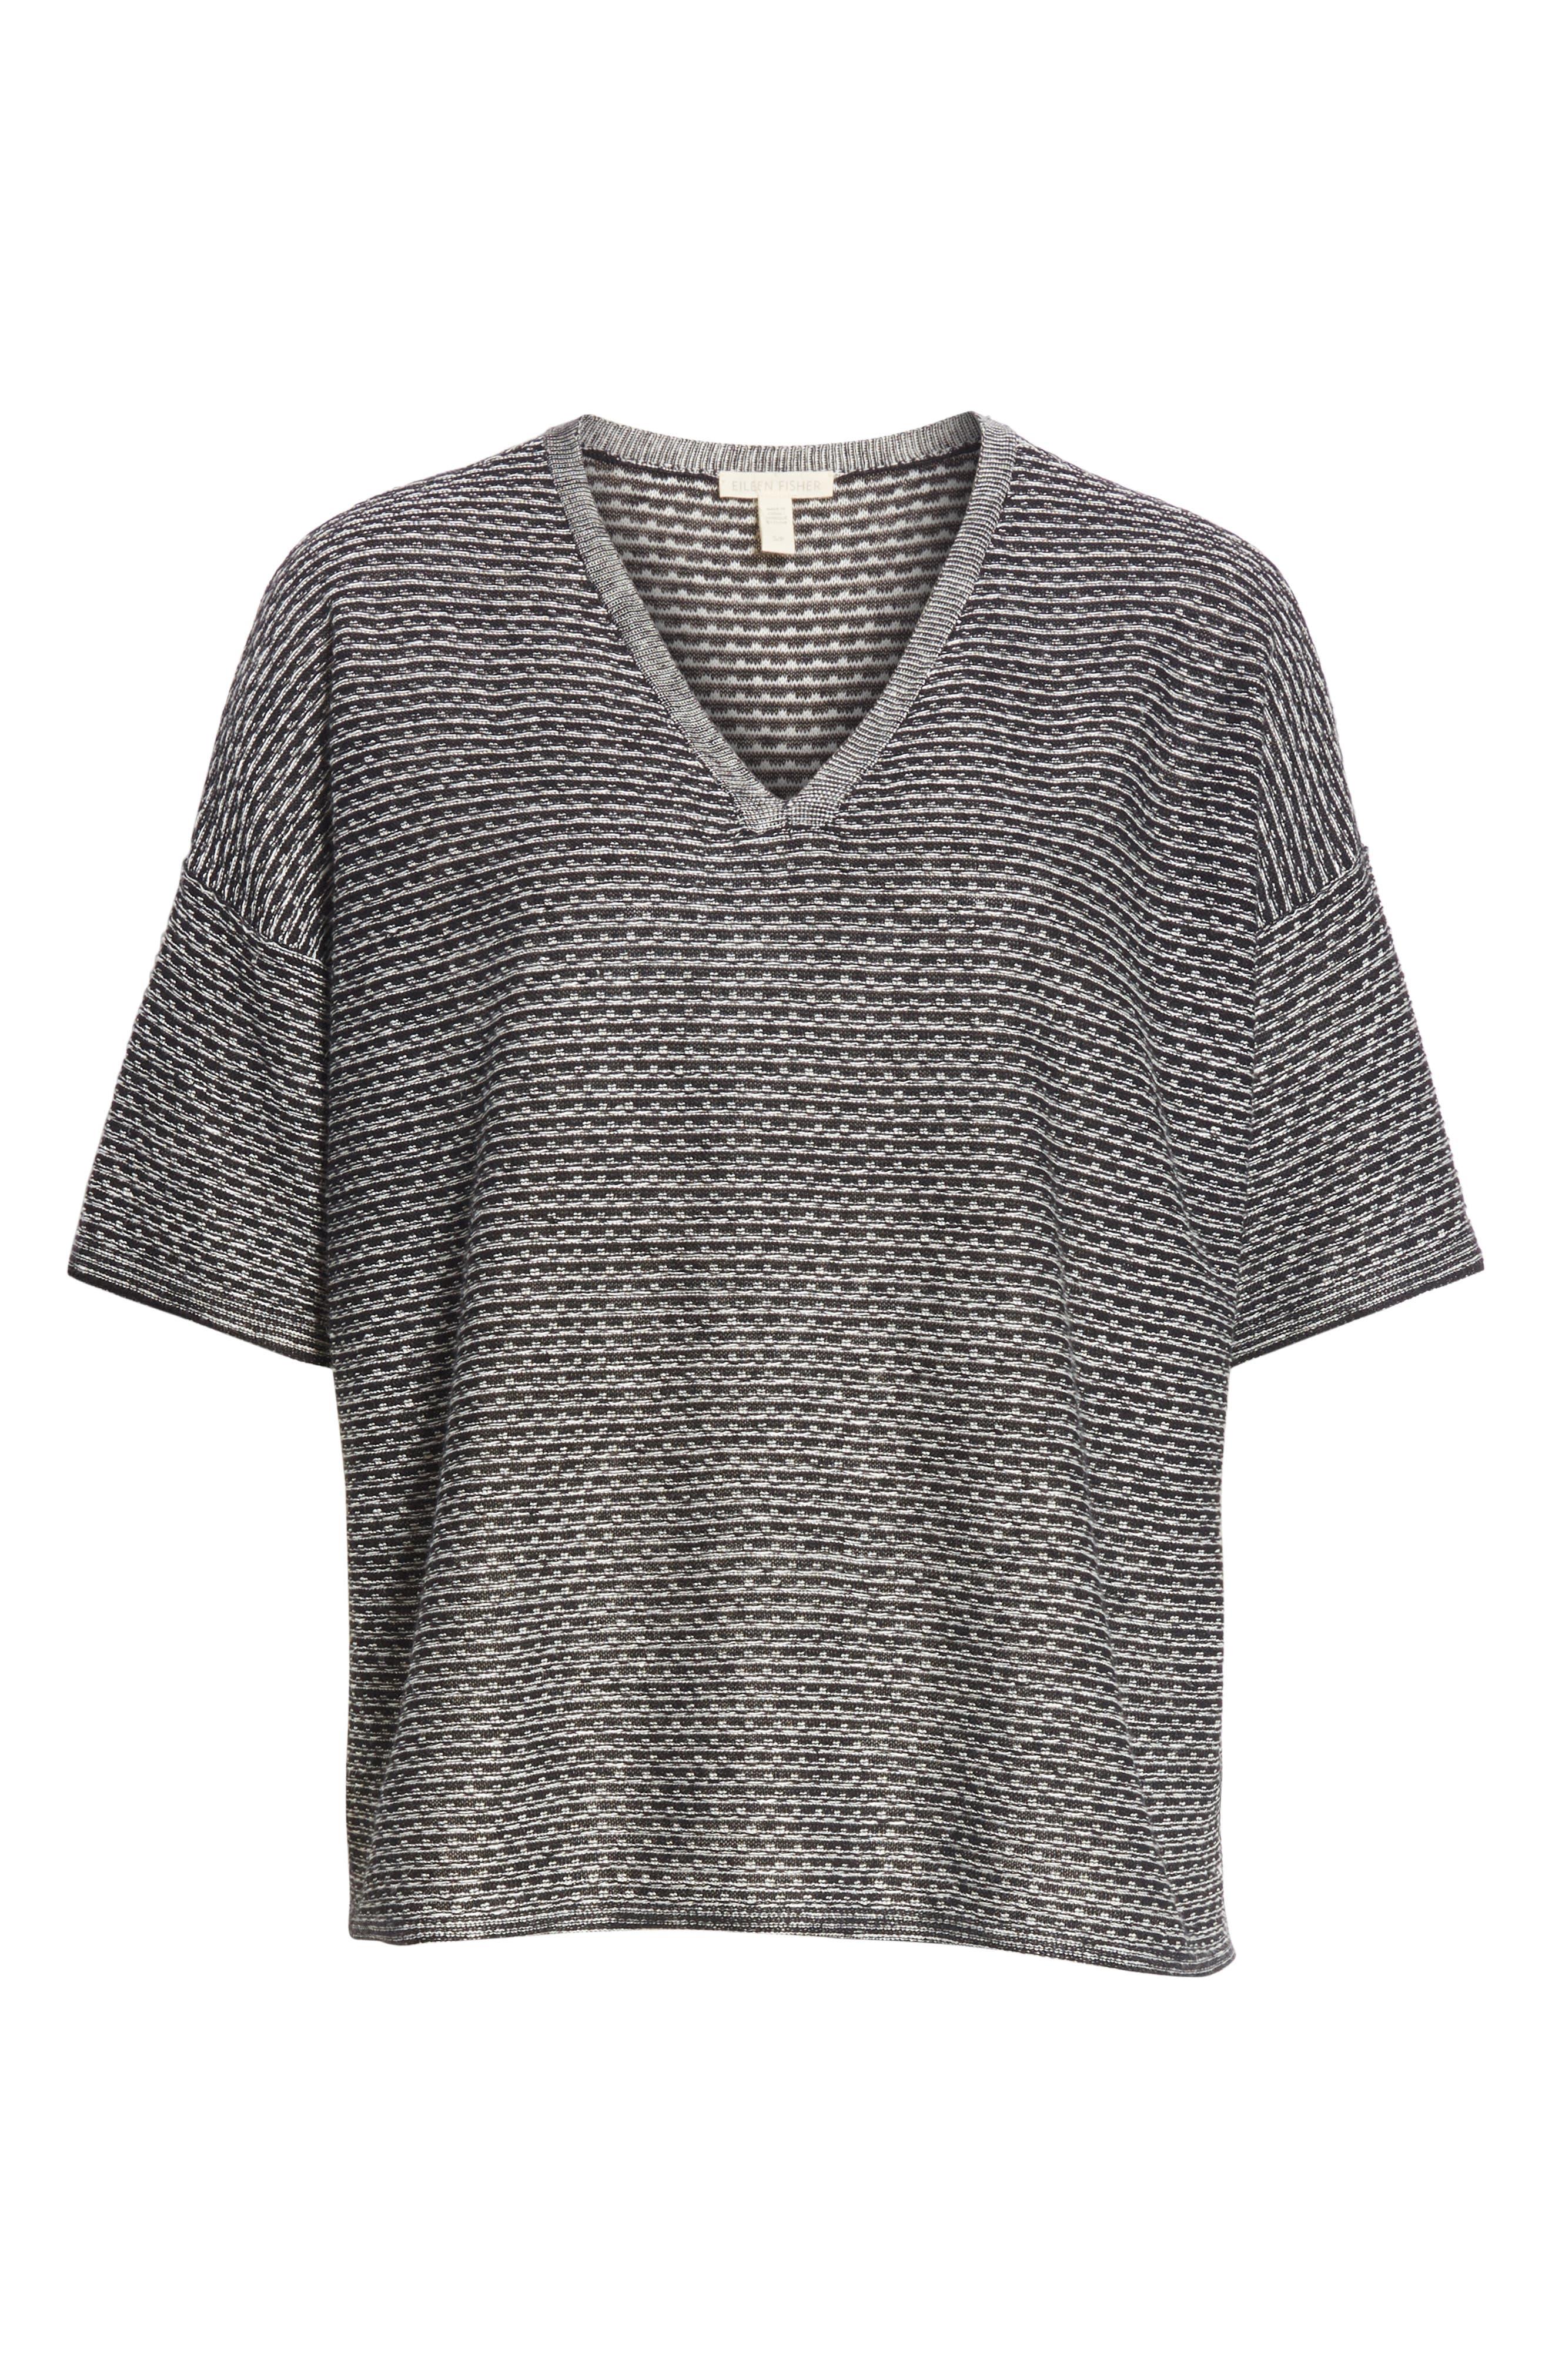 Organic Linen Jacquard Sweater,                             Alternate thumbnail 6, color,                             Black/ Soft White